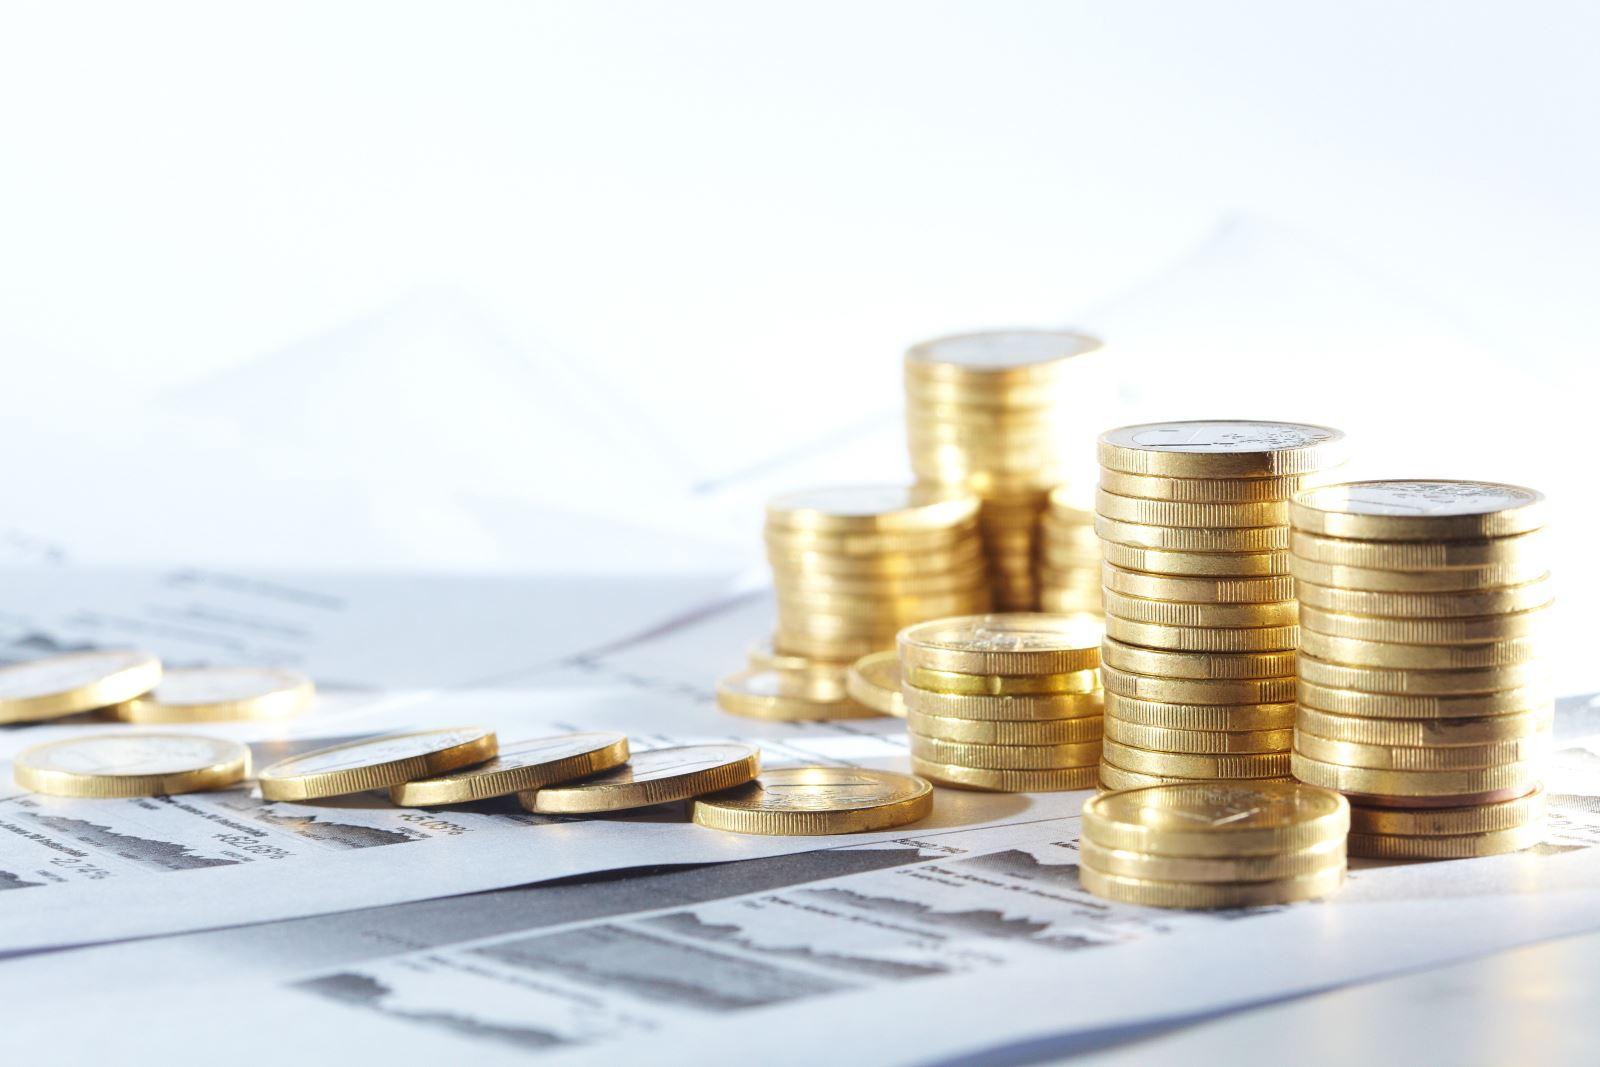 כל מה ששירותי ניהול כספים לעסק  צריכים לכלול